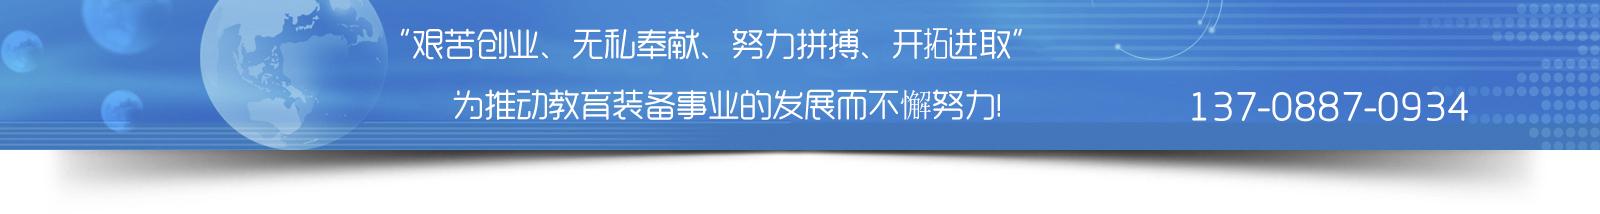 云南诺尼科技-为推动教育装备事业的发展而不懈努力